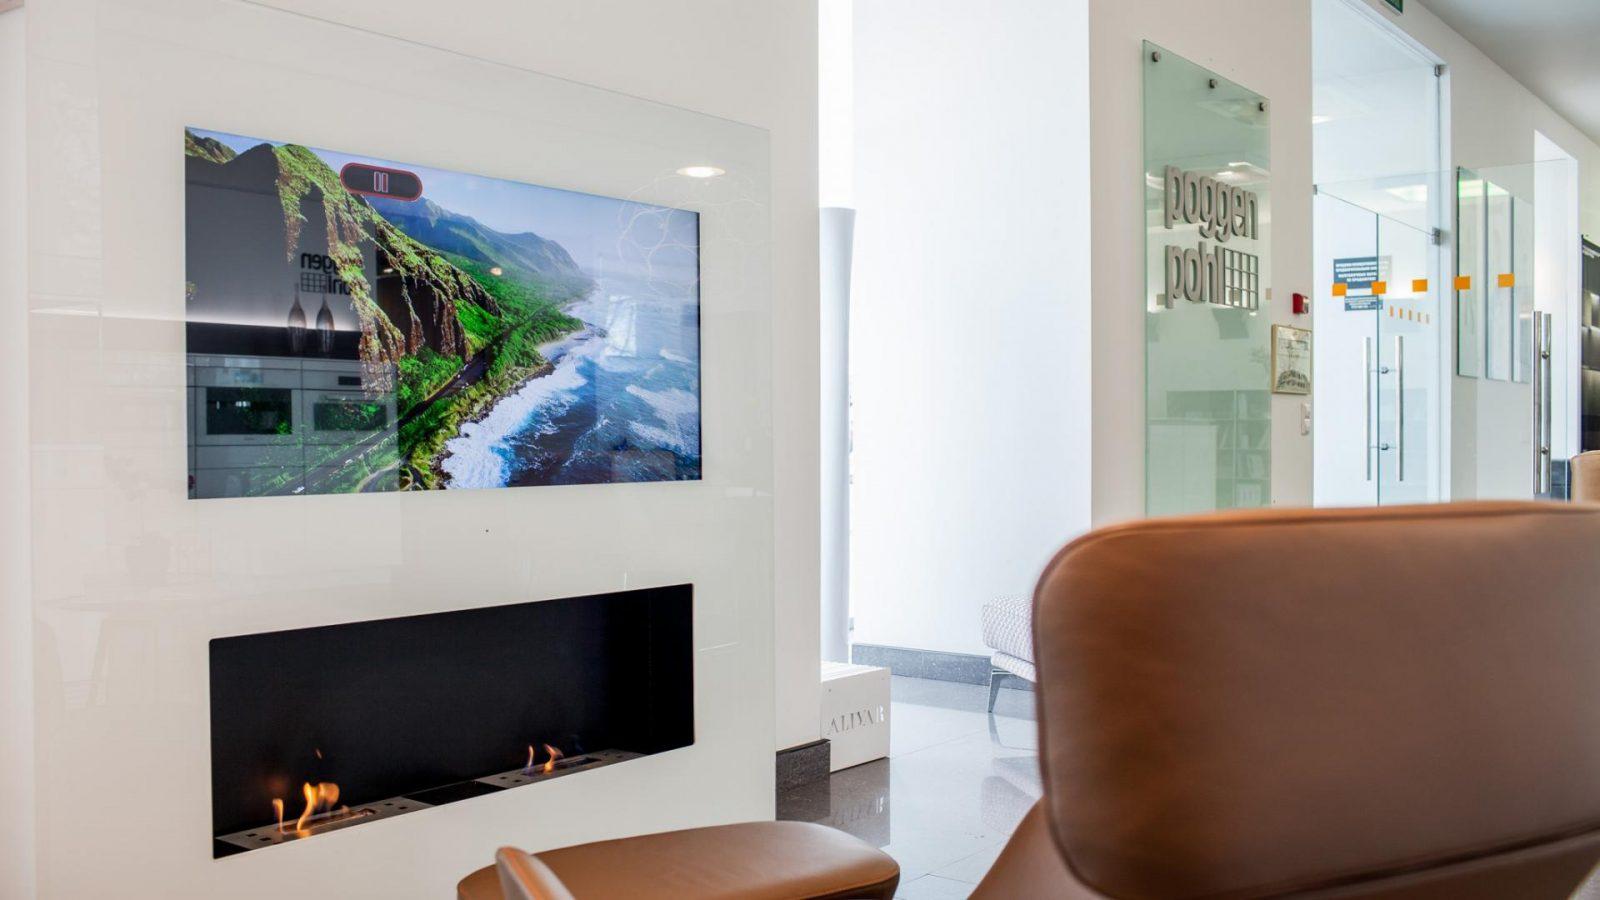 Встроенные телевизоры и их преимущества